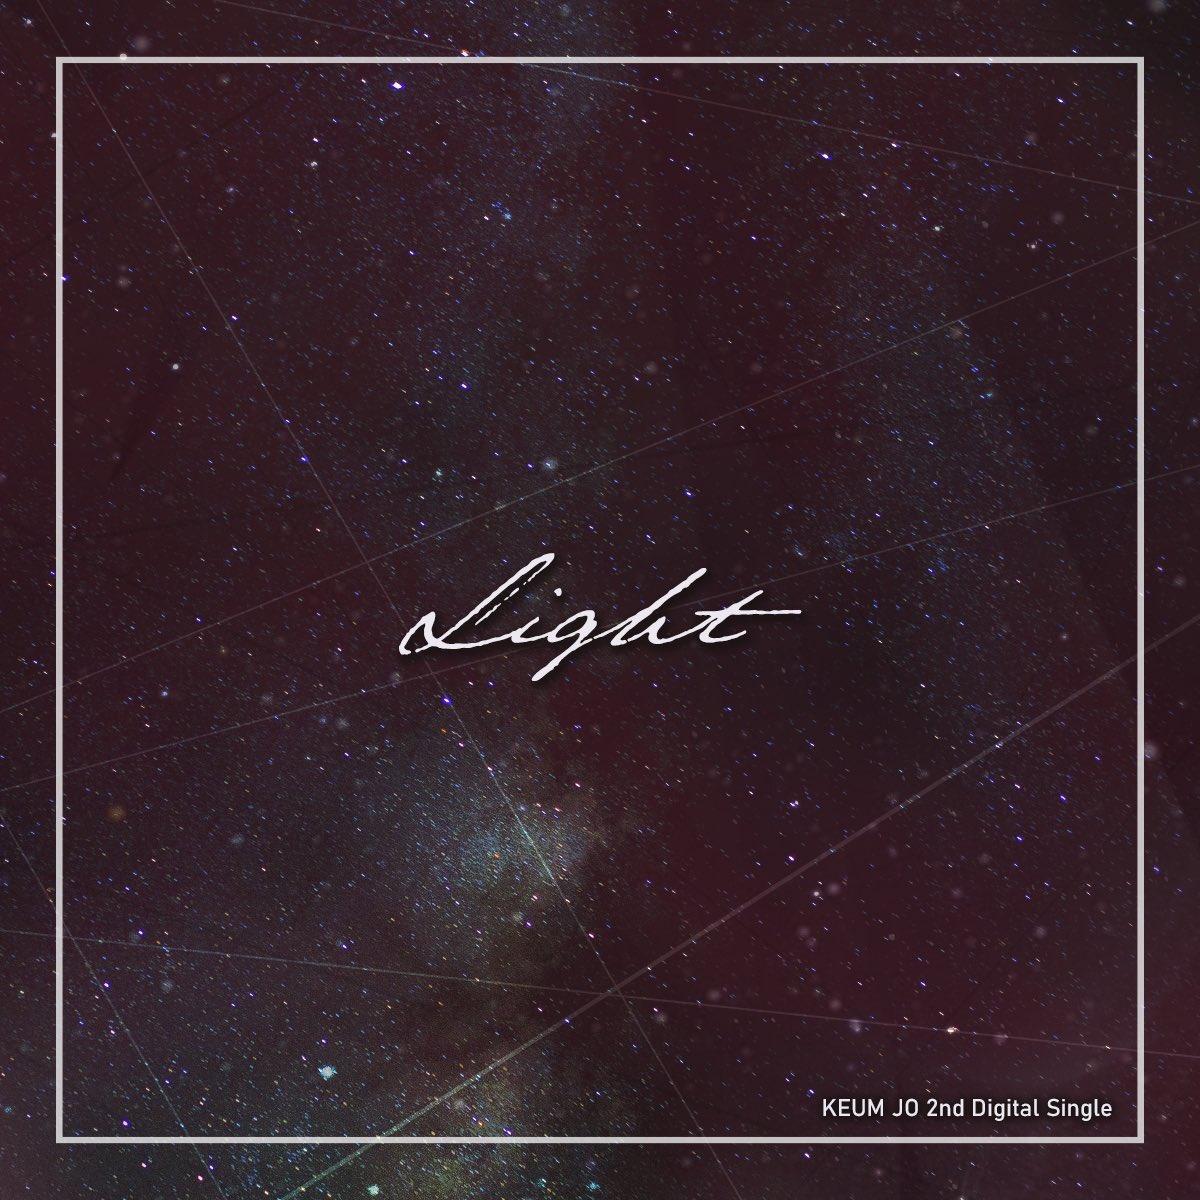 30일(토), 나인뮤지스 금조 디지털 싱글 2집 'Light' 발매 | 인스티즈